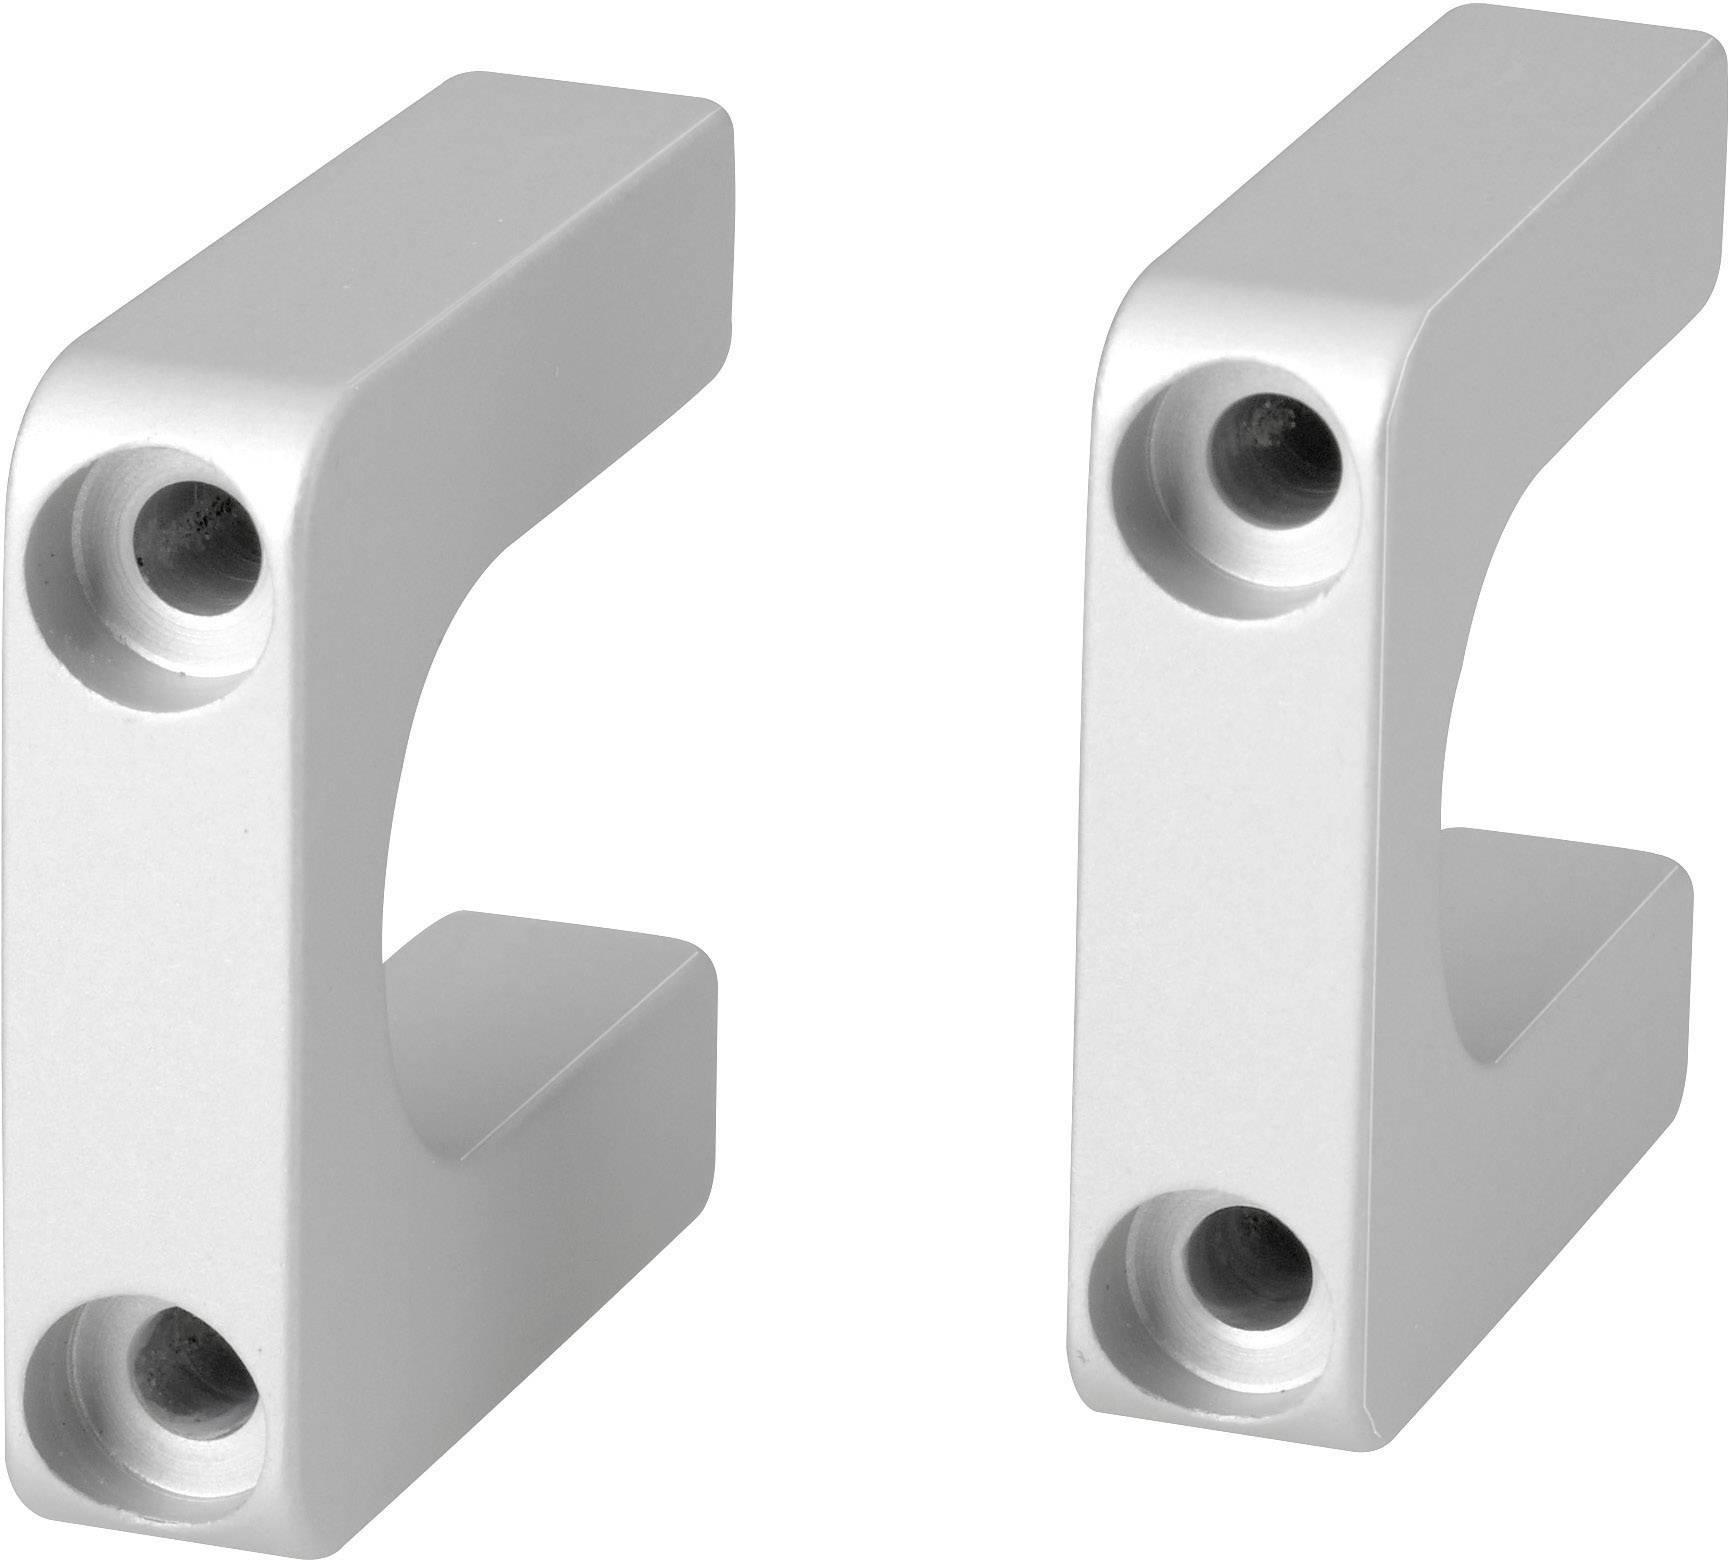 Rukoväť pre nosenie Schroff Multipac 20860-256, (d x š x v) 40 x 40 x 10 mm, umelá hmota, 1 ks